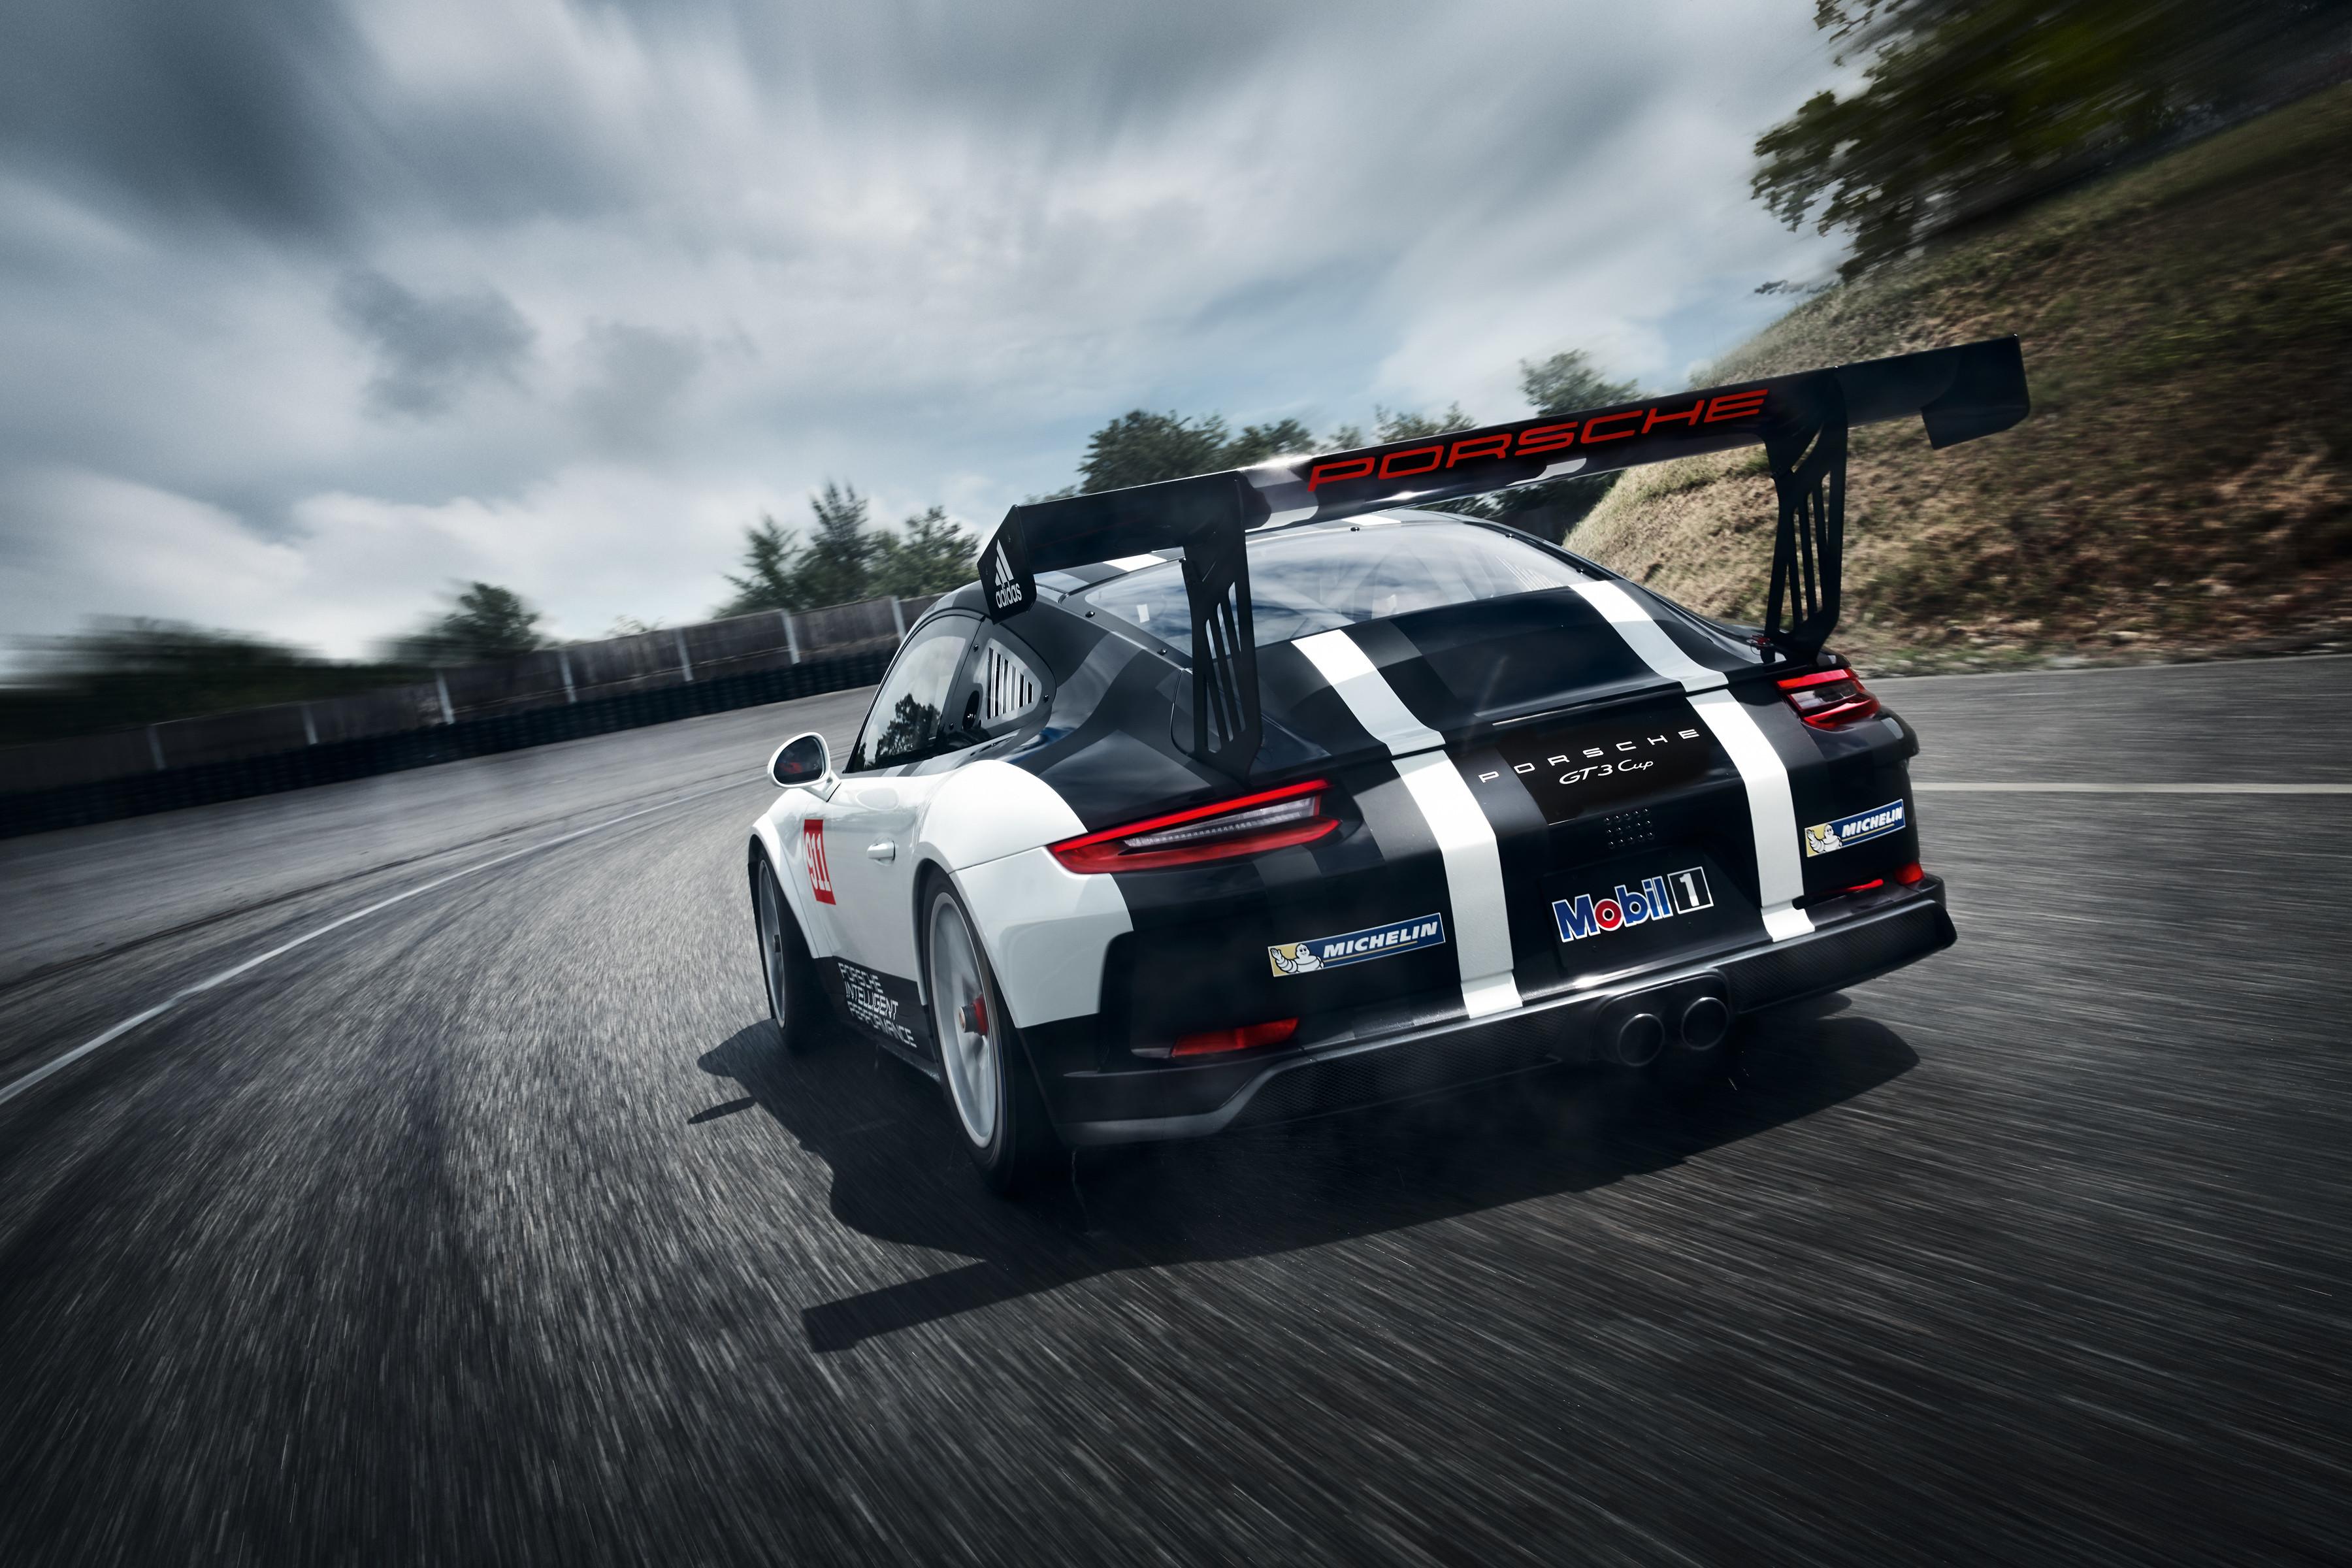 Porsche Cup Mobil 1 afbeeldingen den hartog